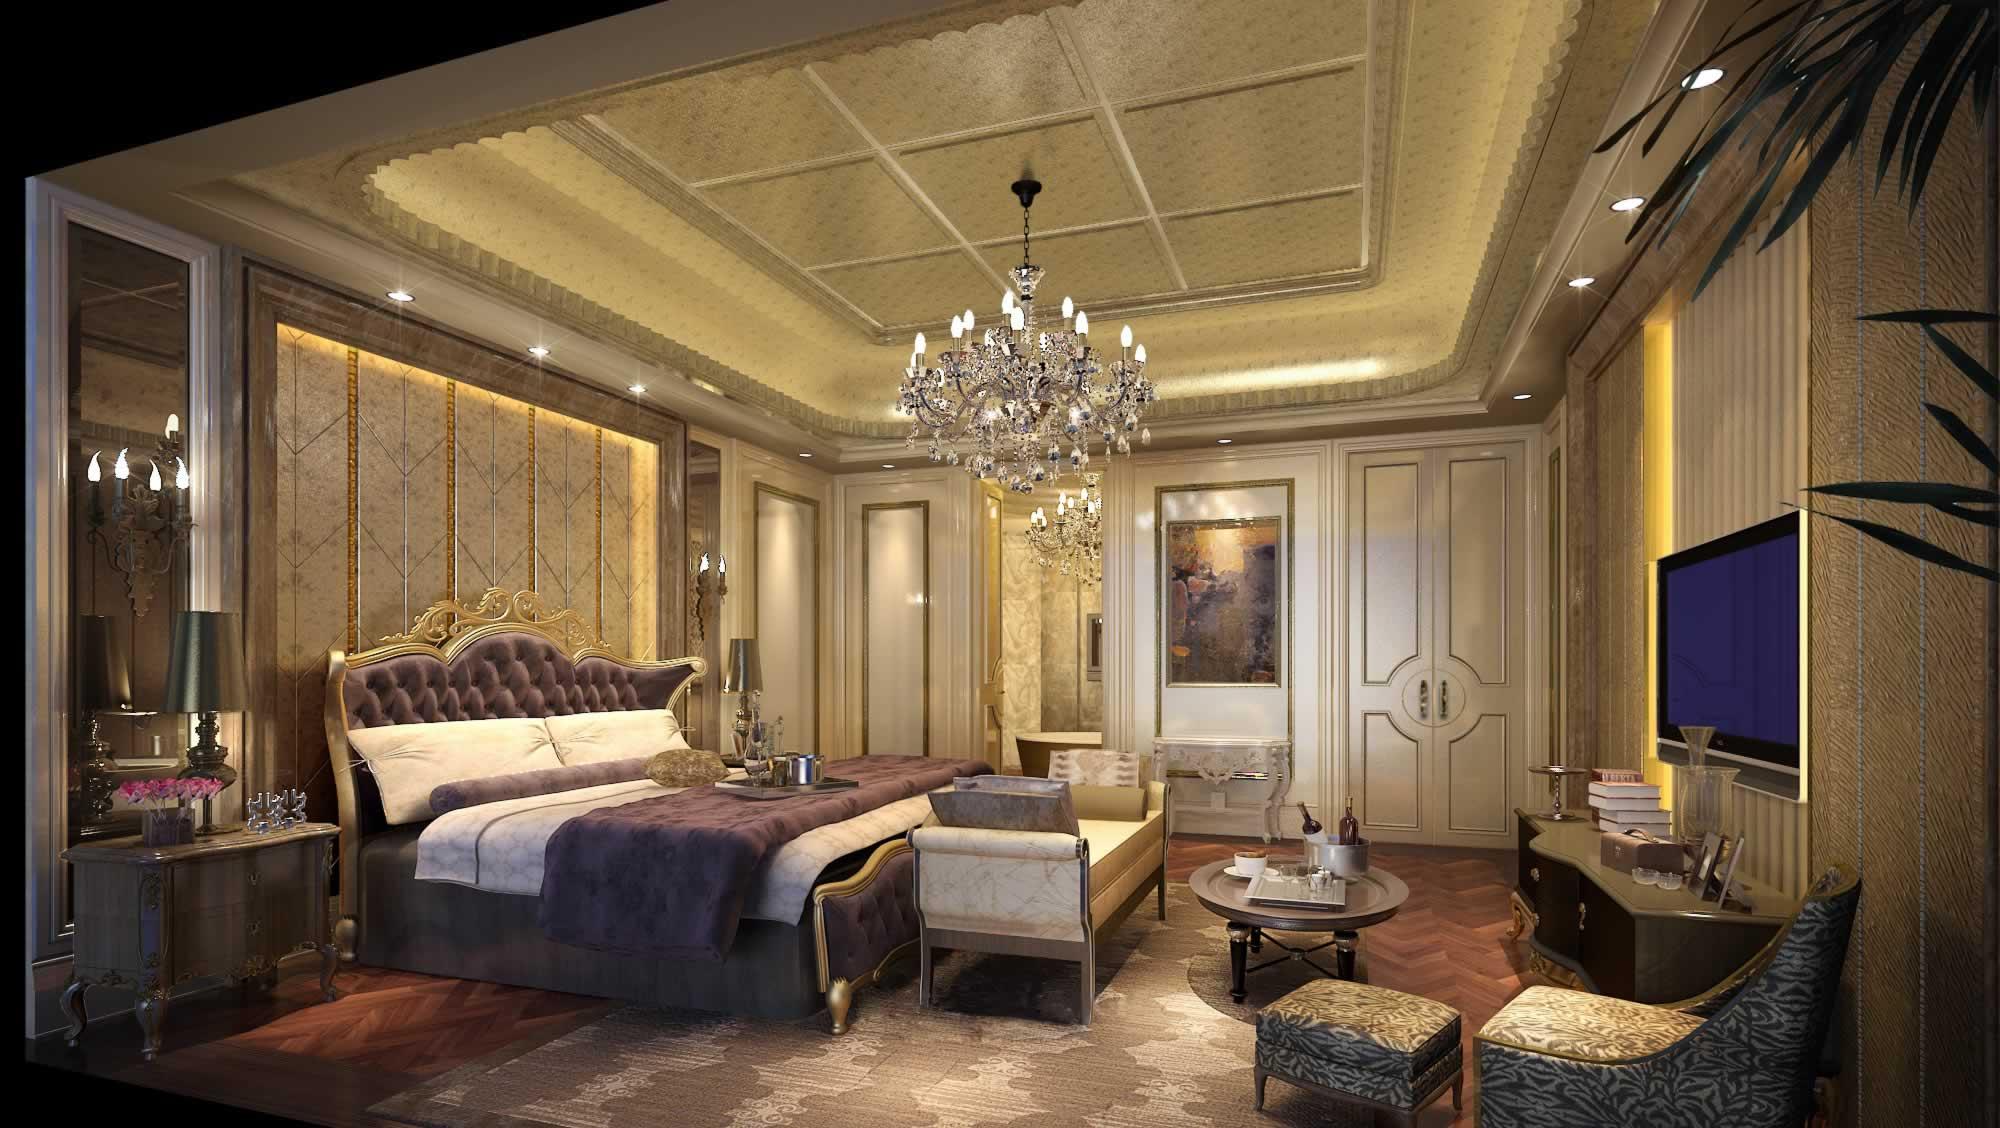 美式风格别墅奢华卧室效果图 - 九正家居装修效果图图片